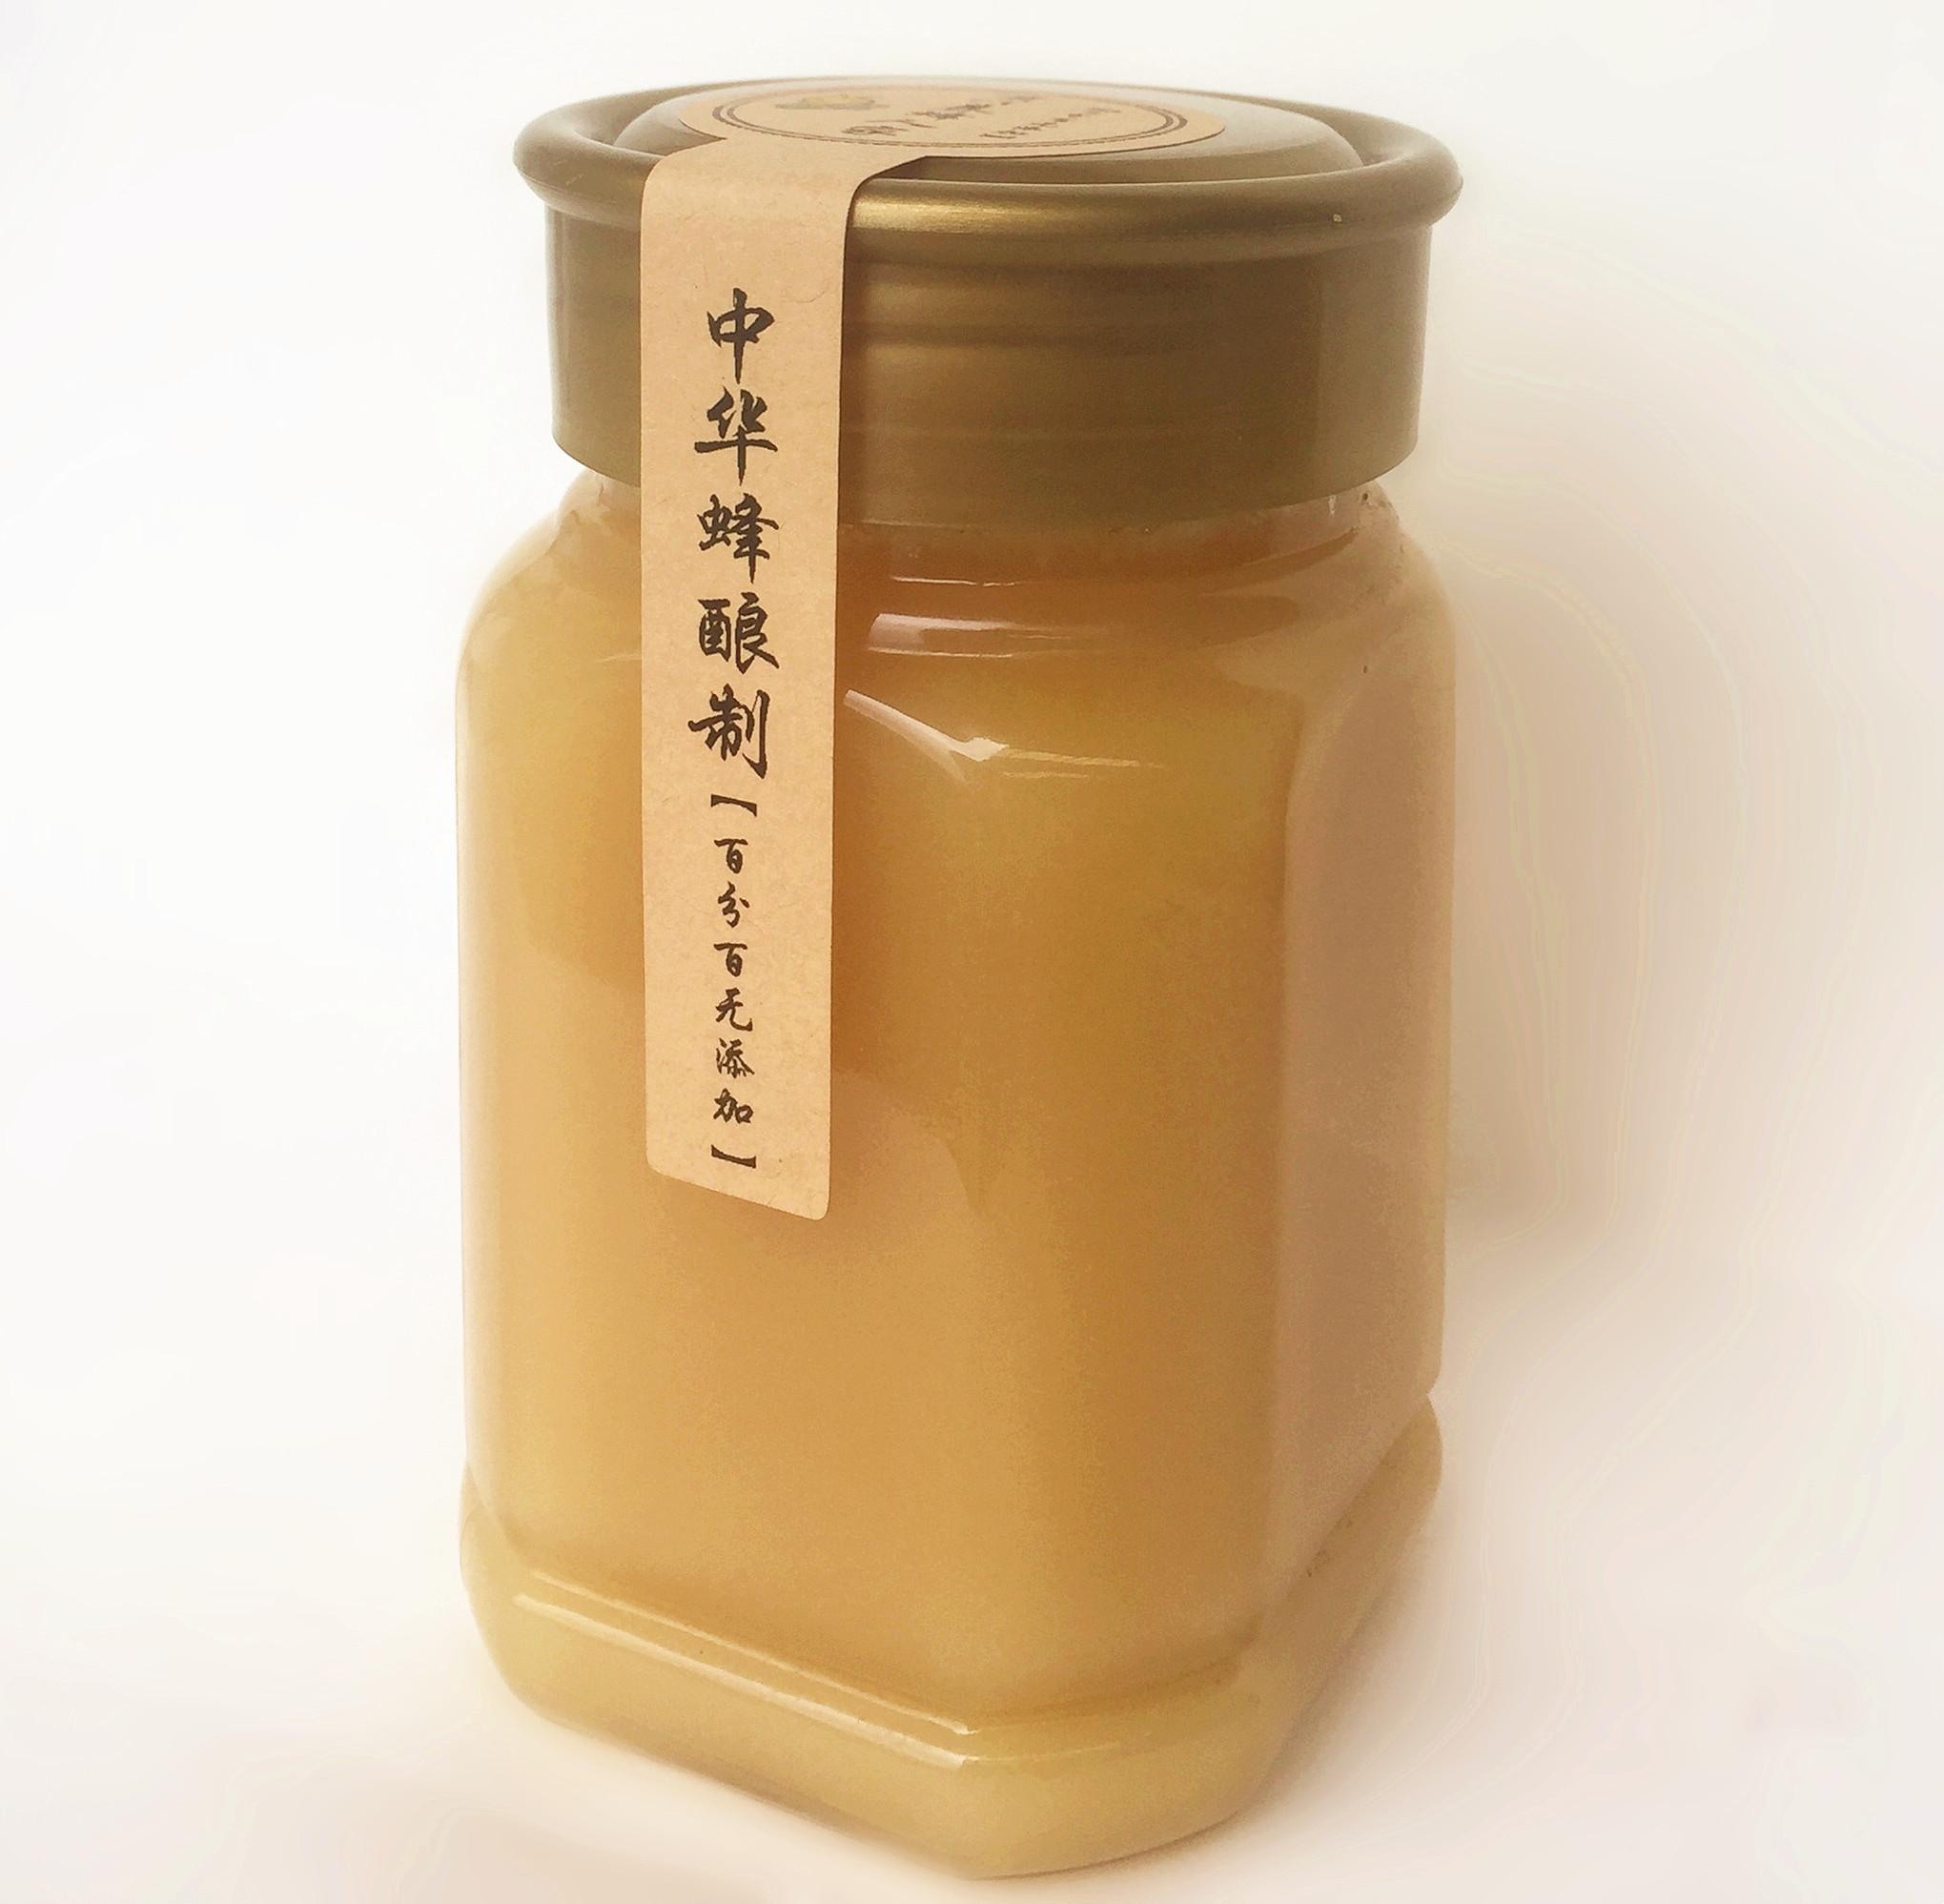 12-05新券中华蜂蜜纯天然结晶土蜂糖贵州大山农家自产自销百花蜜1000g包邮